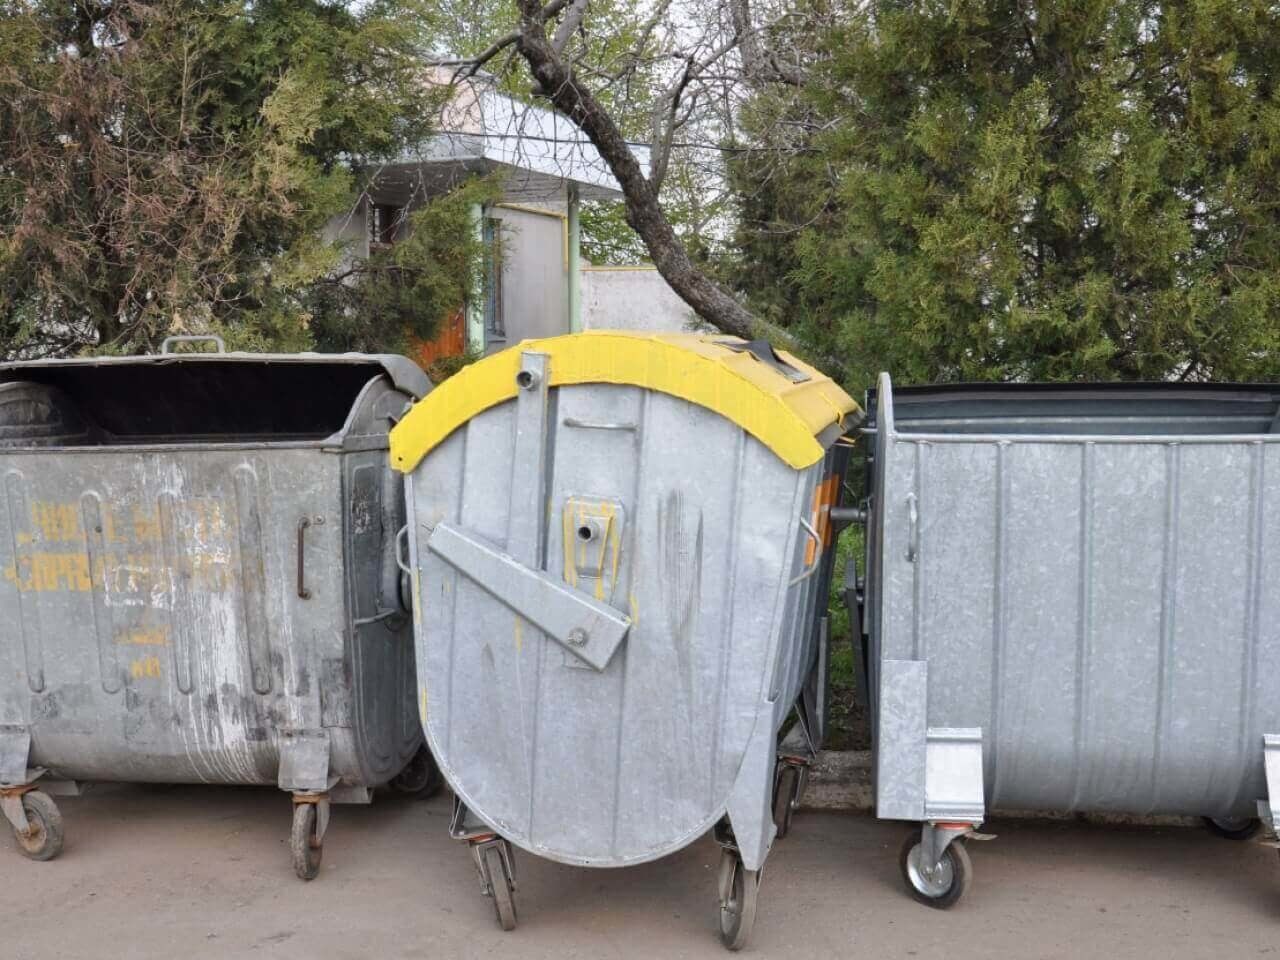 У Луцьку для збору побутових відходів закуплять 30 контейнерів, фото-1